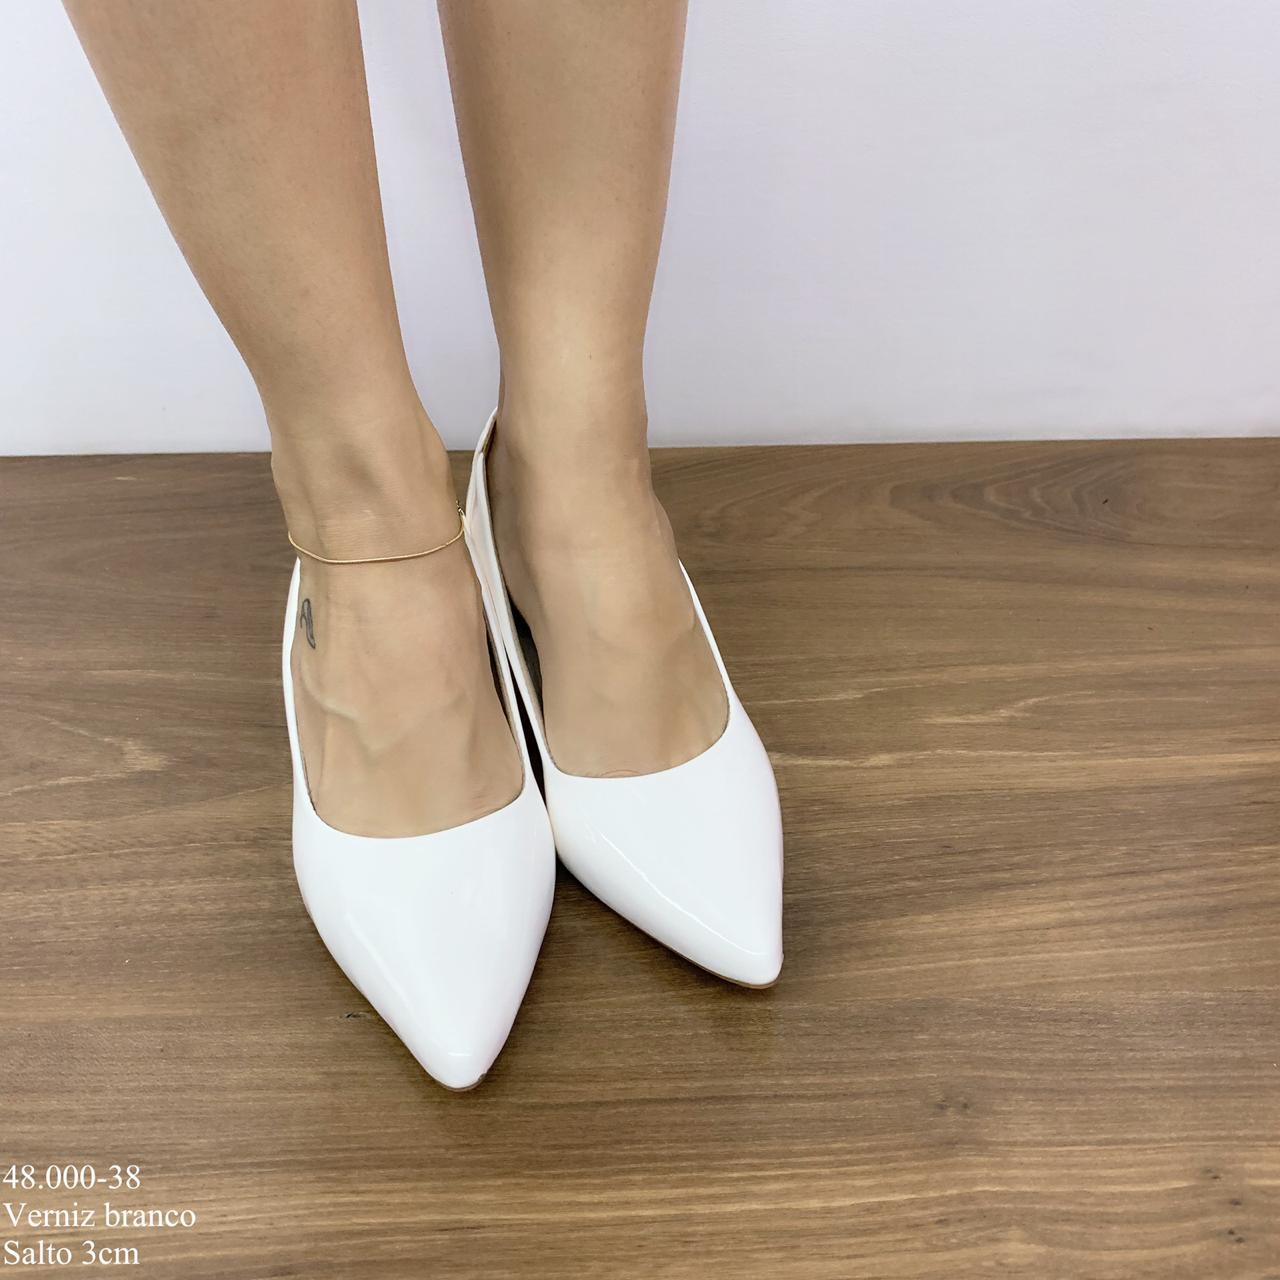 Scarpin Branco Verniz | D-48.000-38